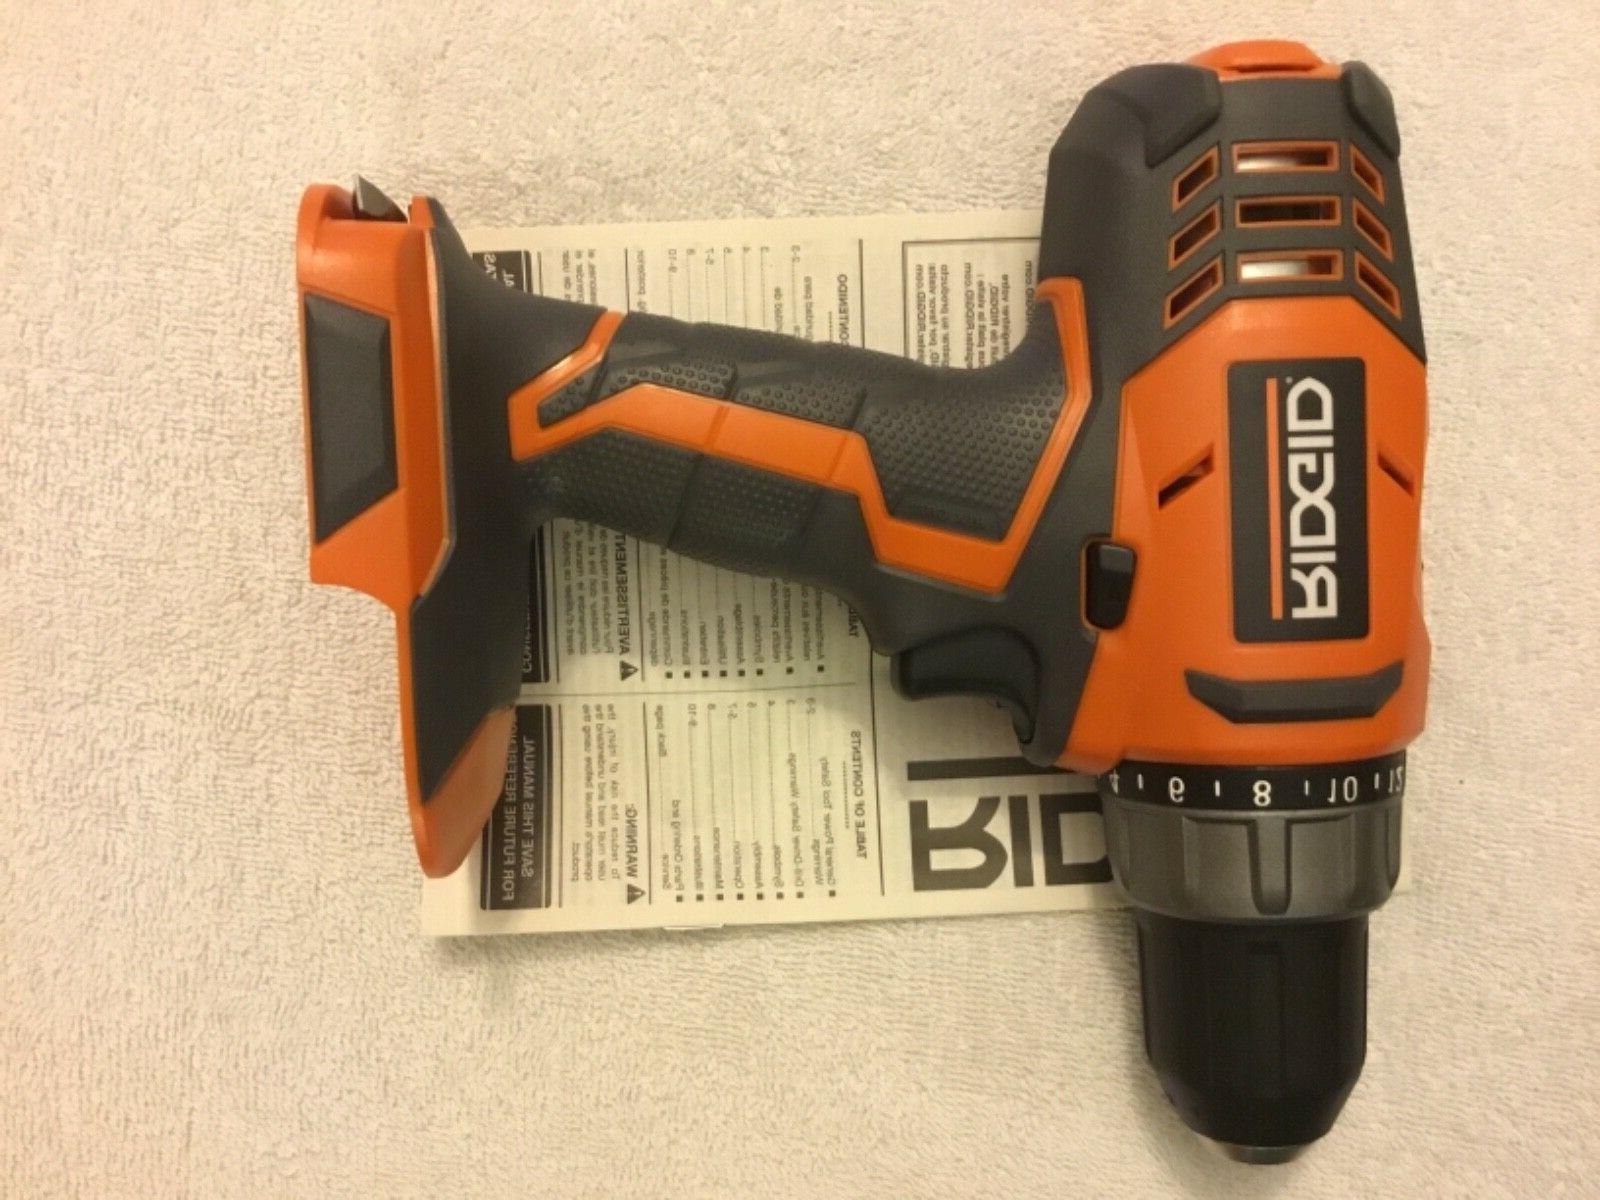 New 18V 18 Volt Cordless Drill